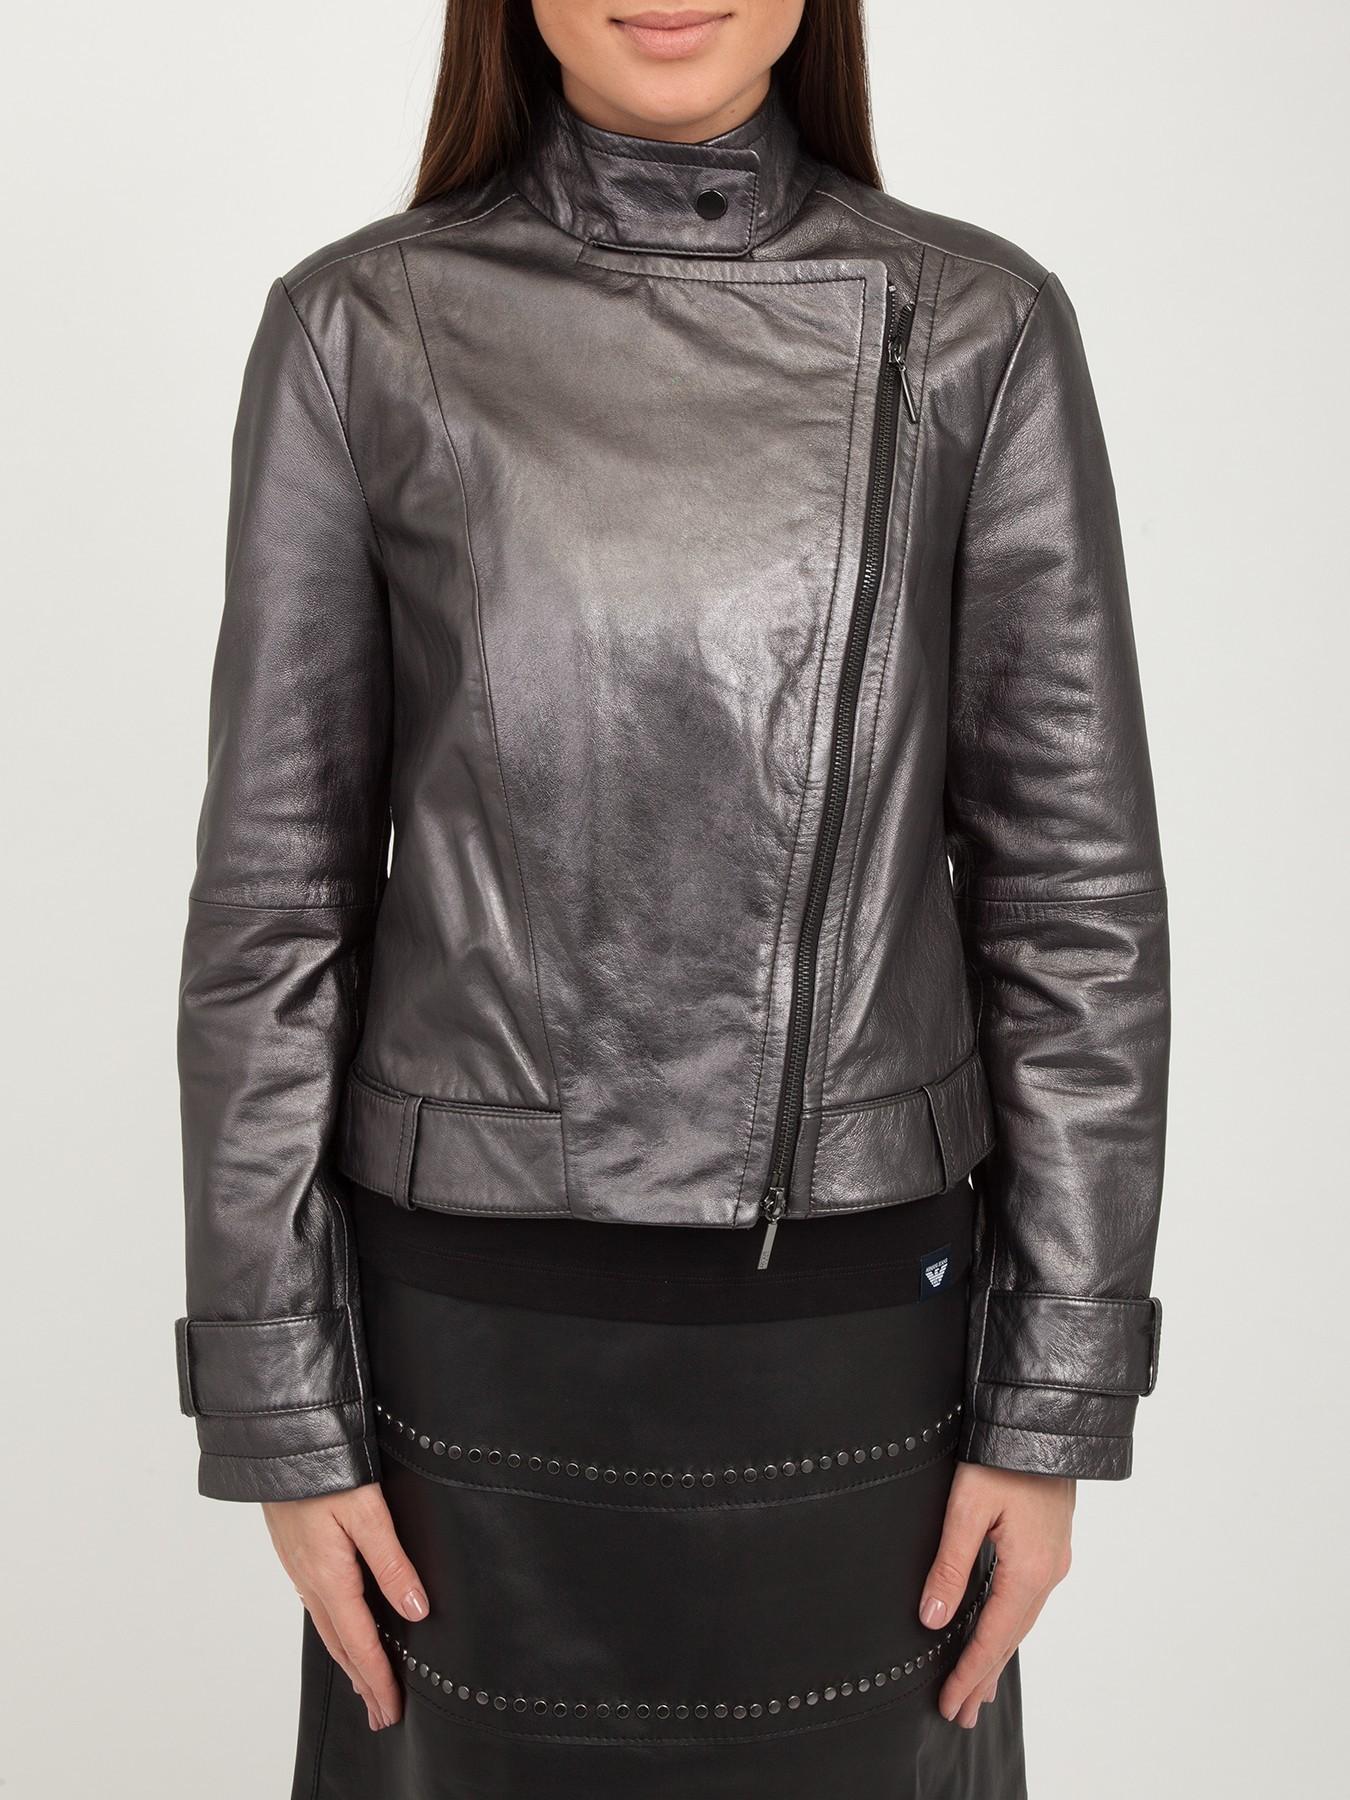 639ee330e9f5 Куртка женская ARMANI JEANS. Загрузка изображения